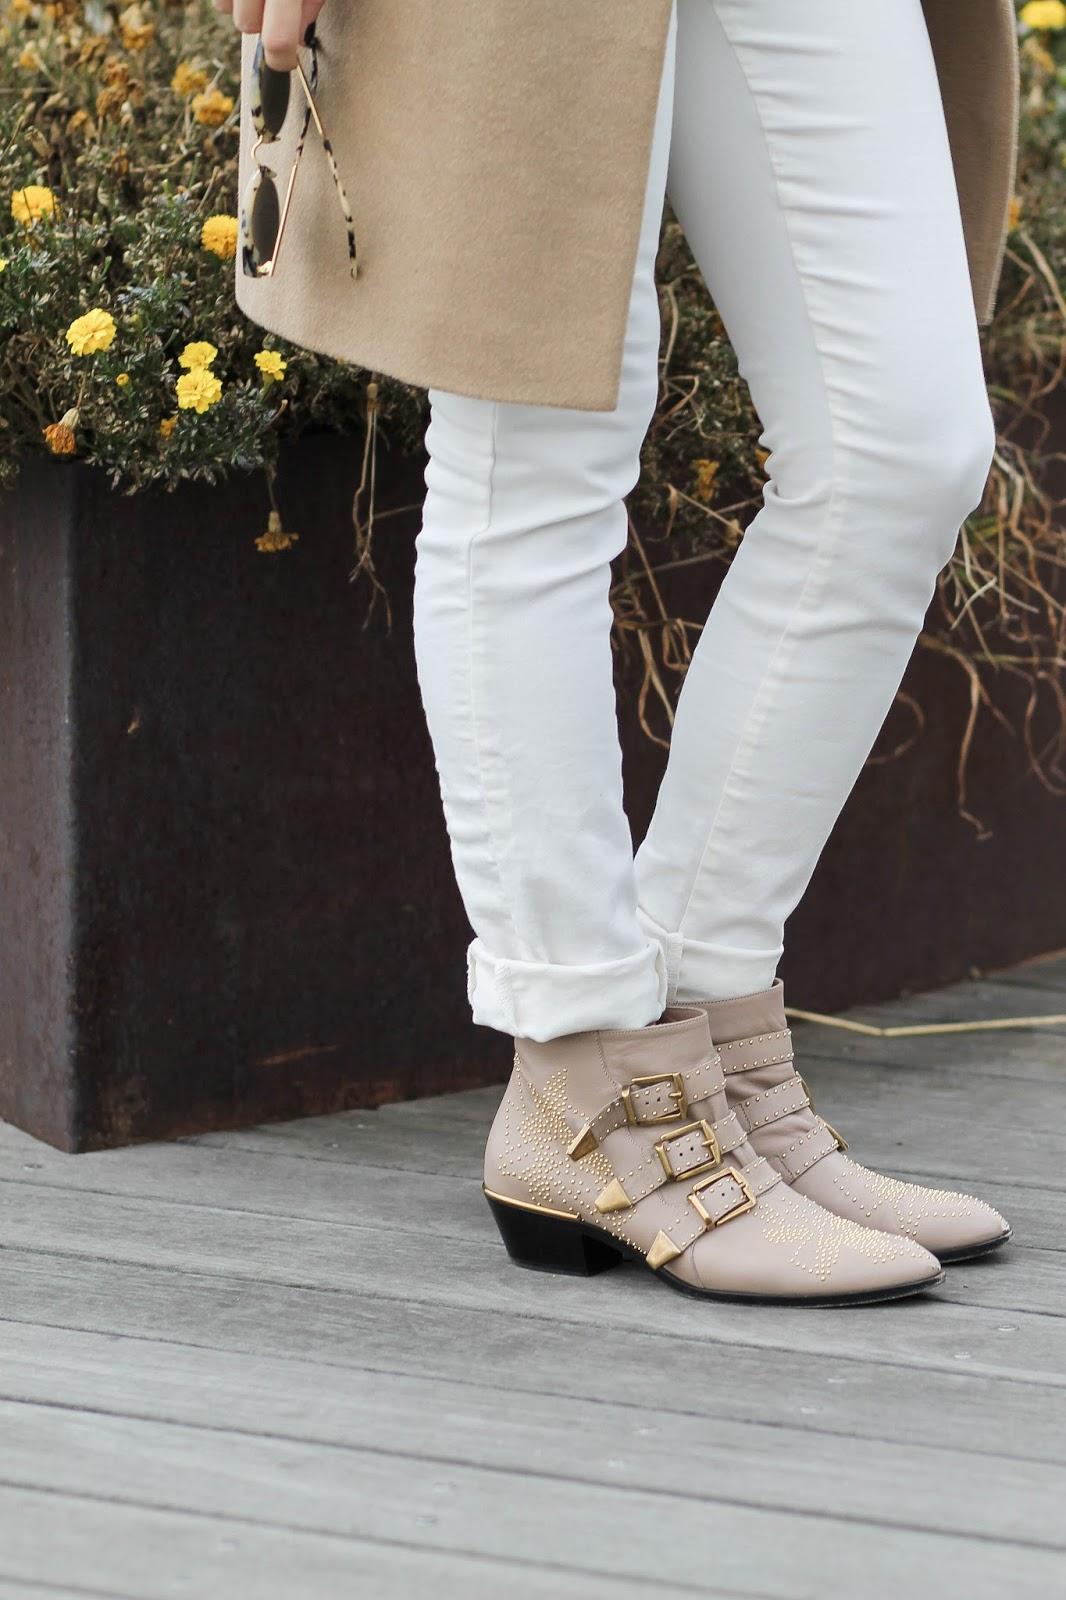 chloe susanna boots tan